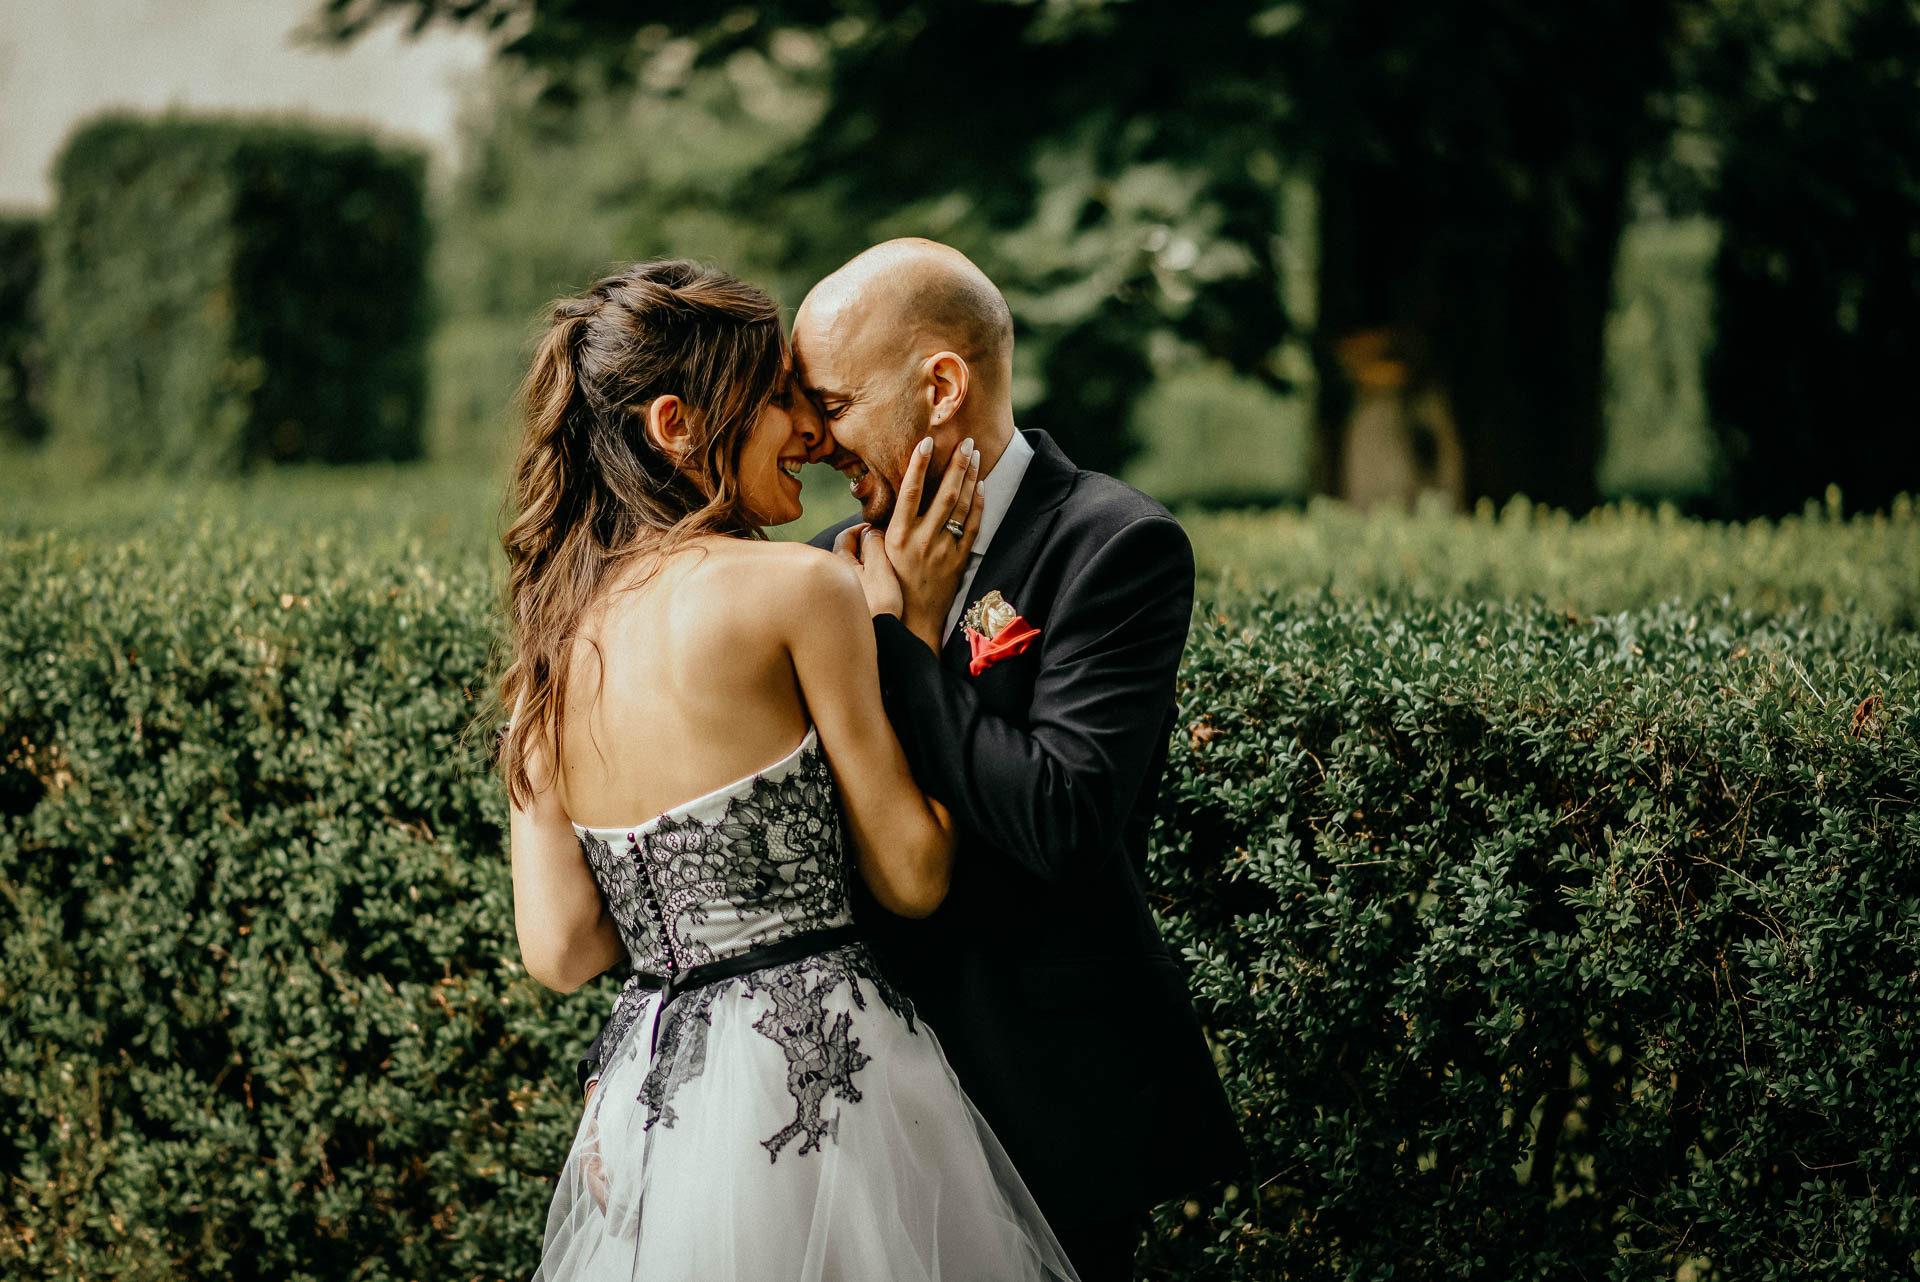 come ottenere foto naturali di matrimonio